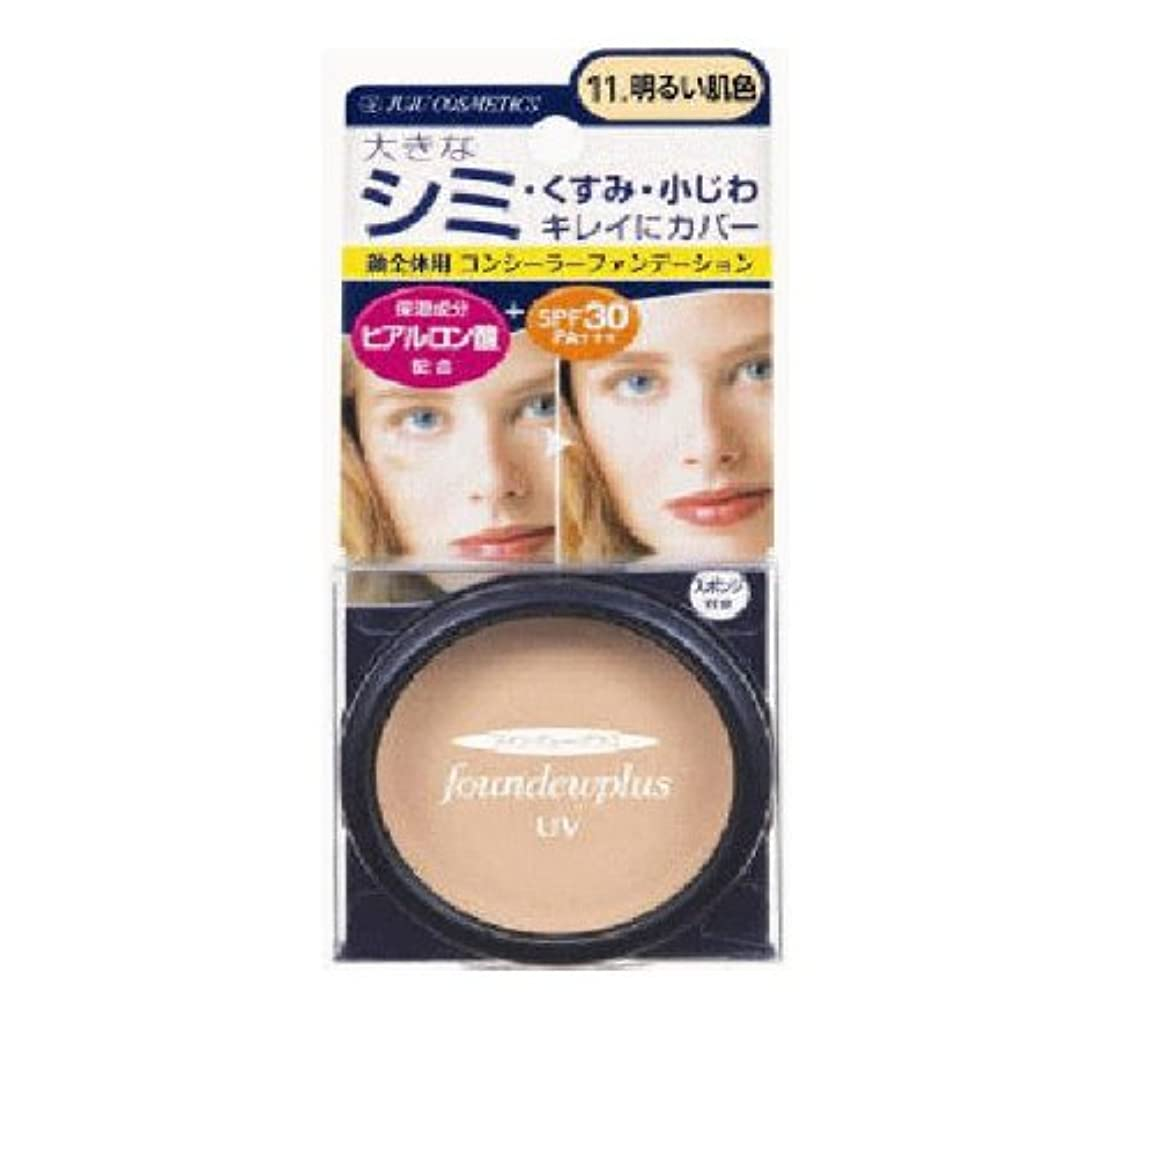 候補者豆保護ファンデュープラスR UVコンシーラーファンデーション 11.明るい肌色